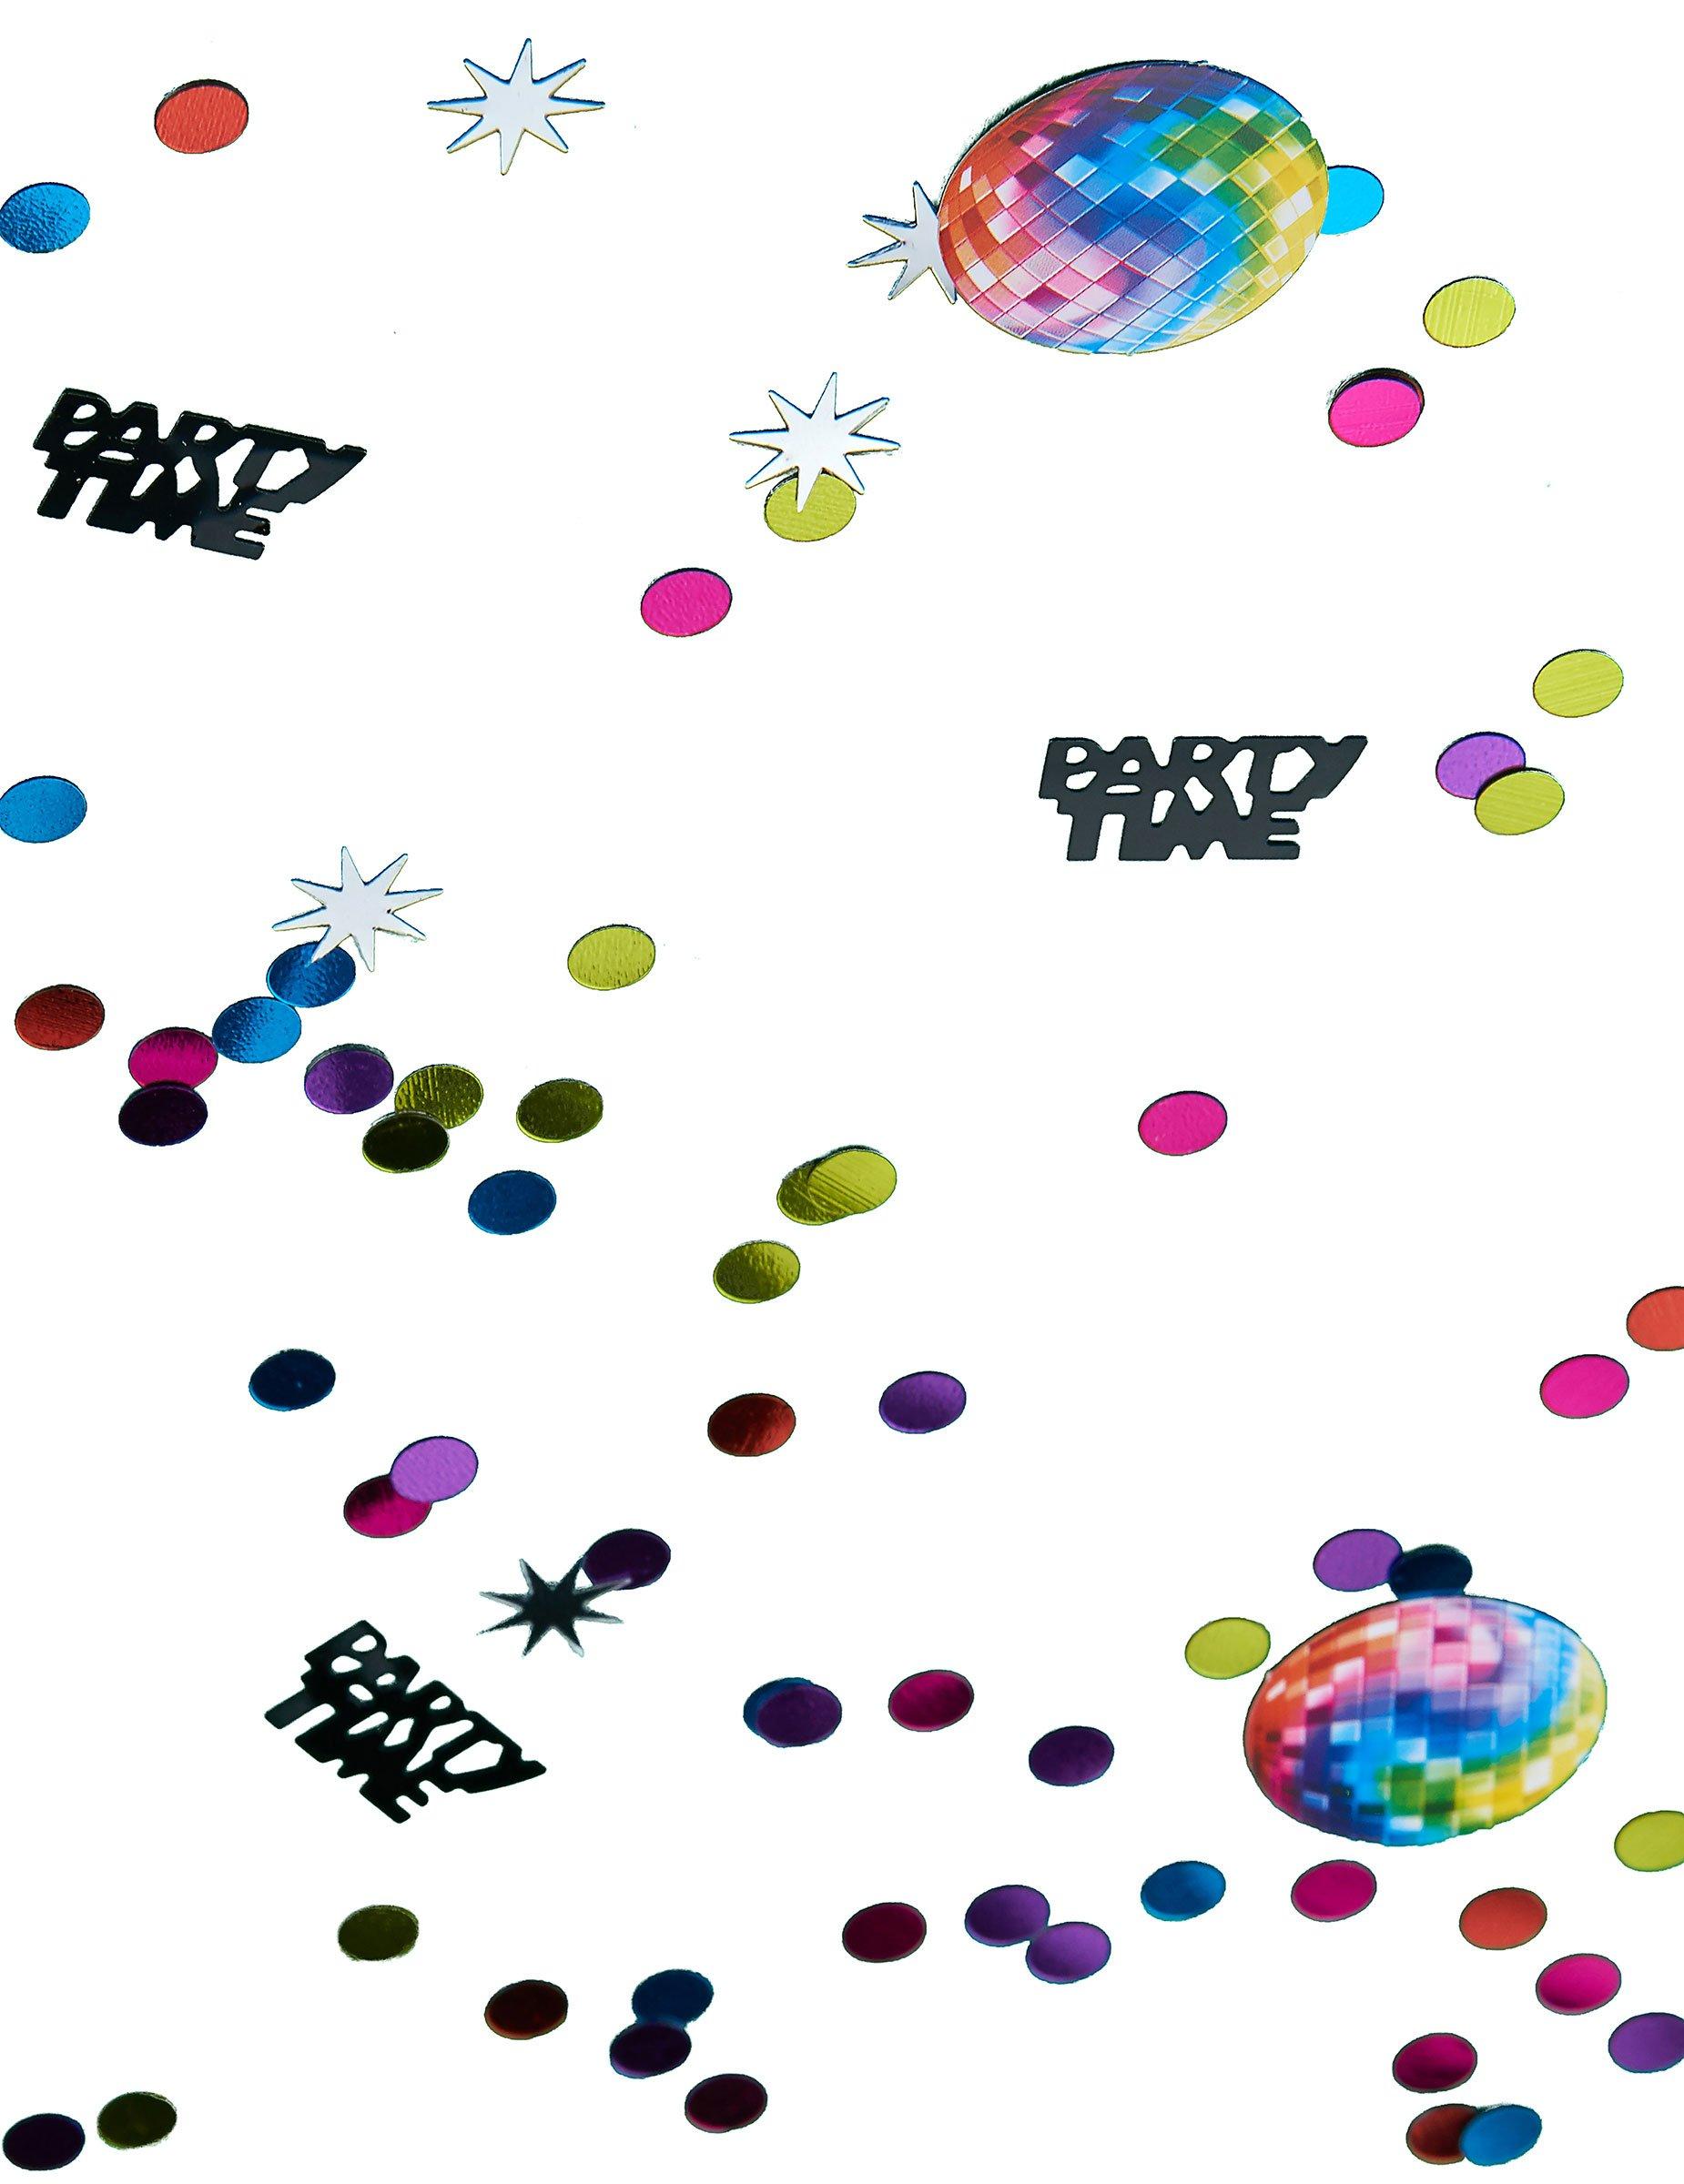 70er disco konfetti party deko 34g bunt g nstige. Black Bedroom Furniture Sets. Home Design Ideas